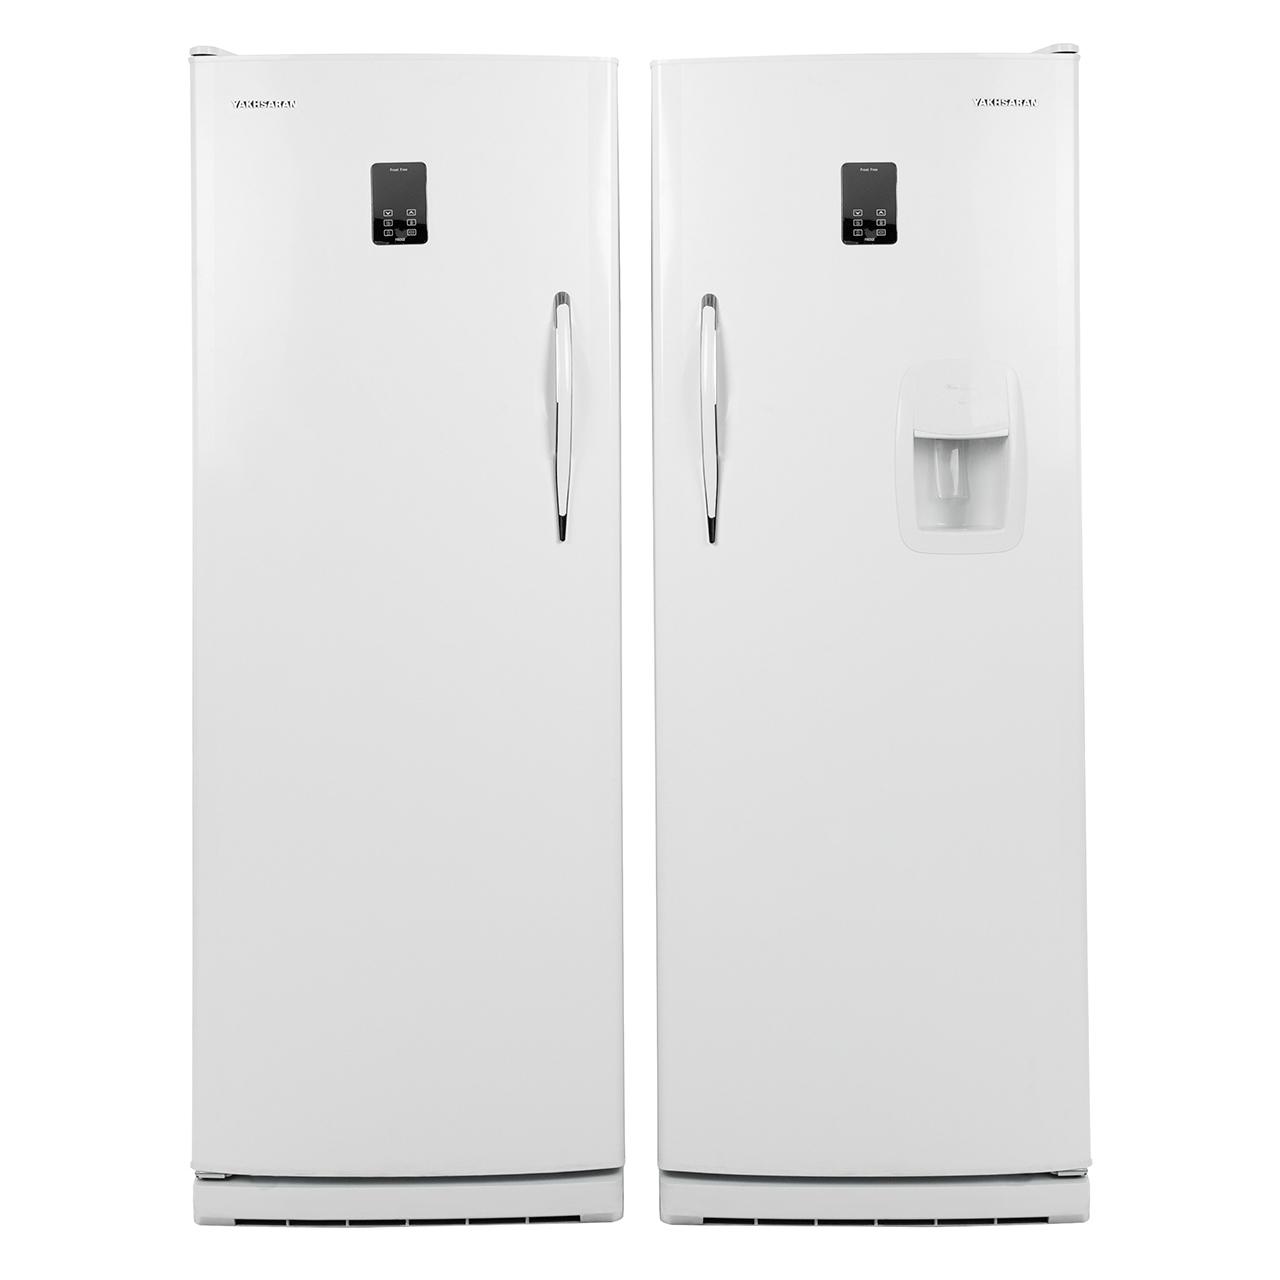 فروش نقدی و اقساطی یخچال و فریزر دوقلو یخساران مدل U8001M-U8005M